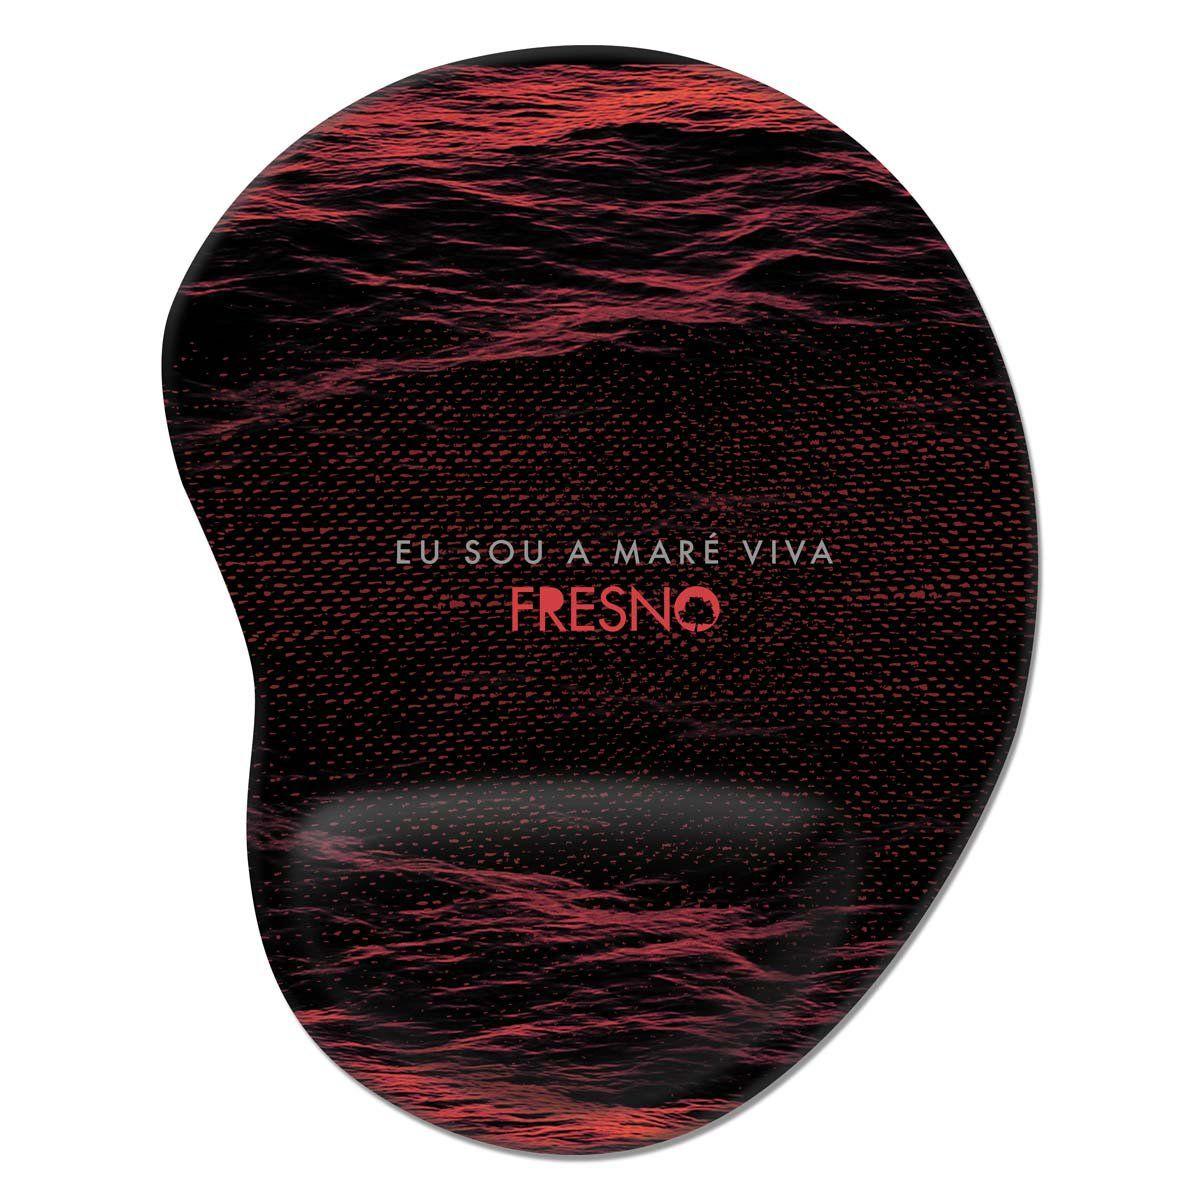 Mousepad Fresno - Eu Sou a Maré Viva